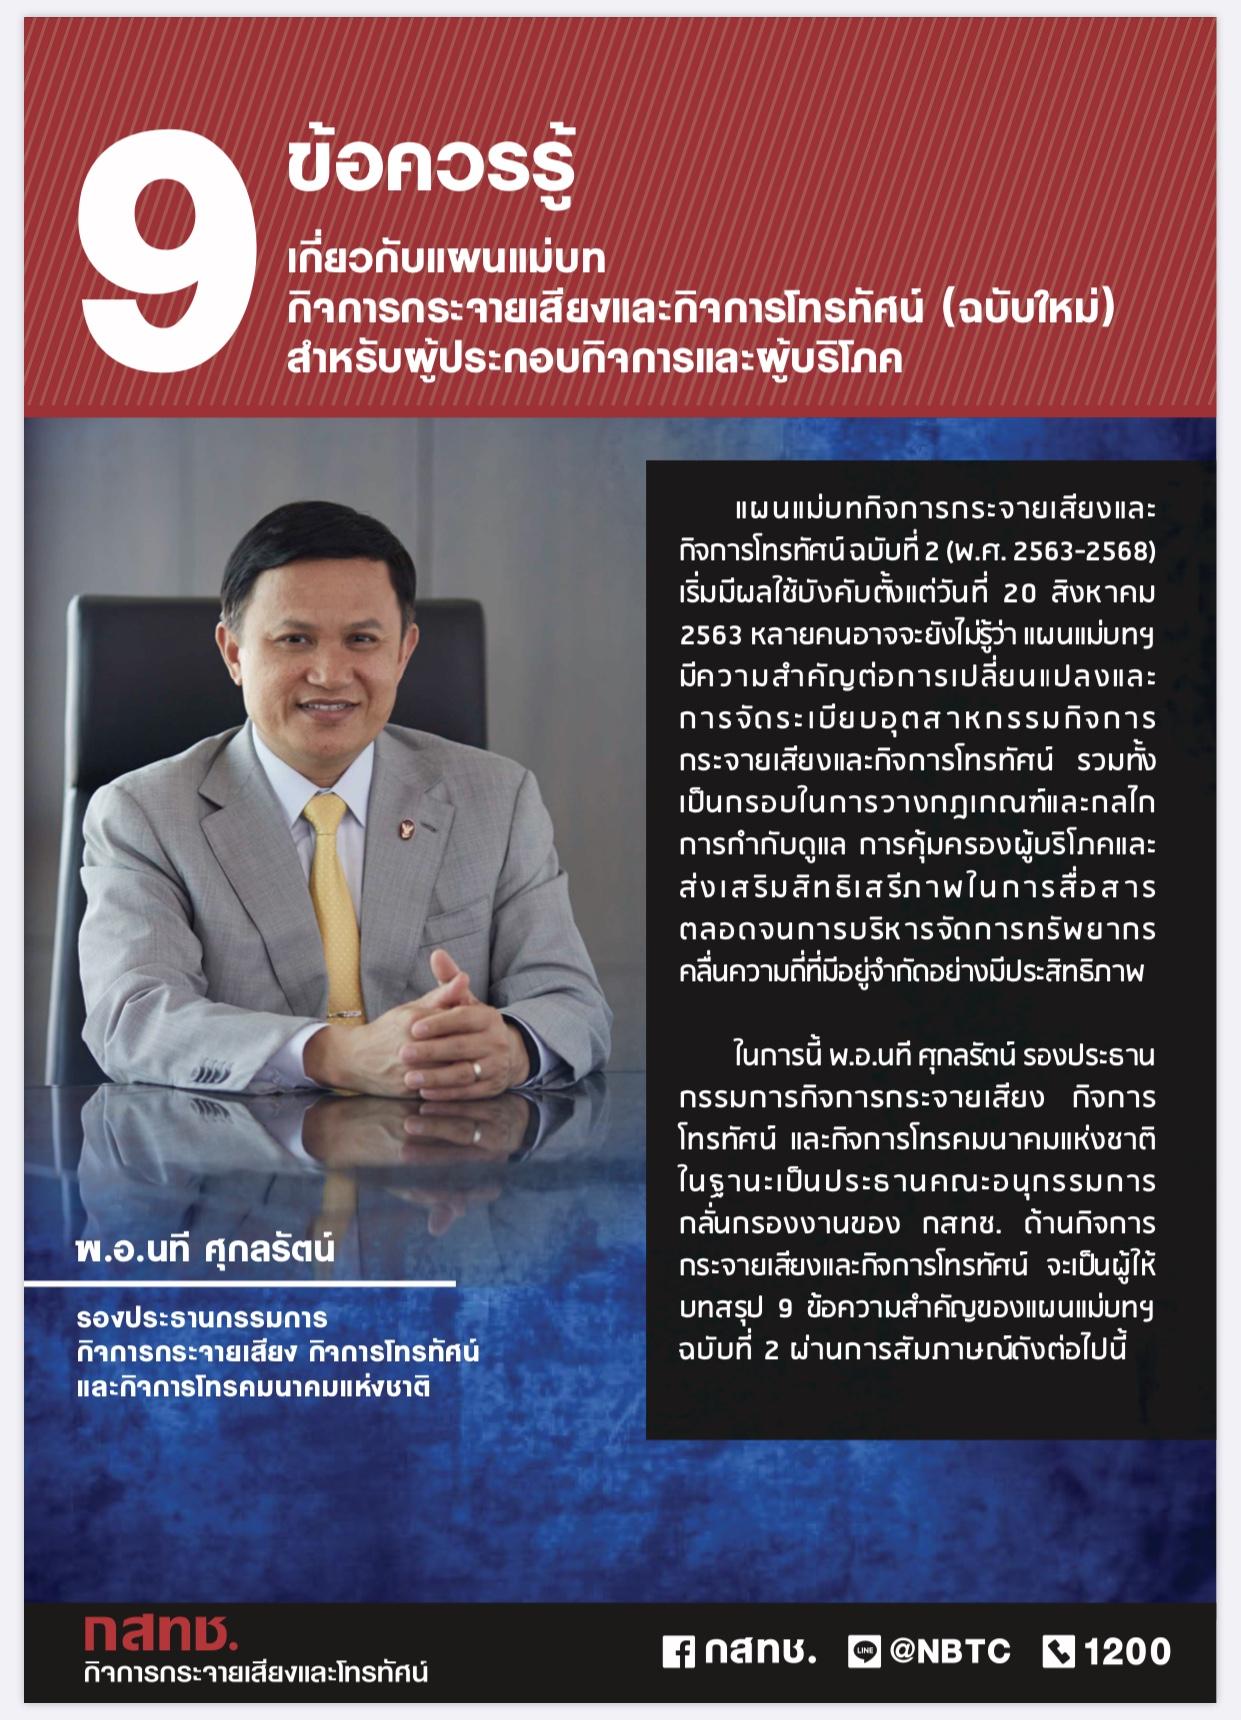 อนาคตกิจการวิทยุและโทรทัศน์ไทยจะเป็นไปในทิศทางไหน